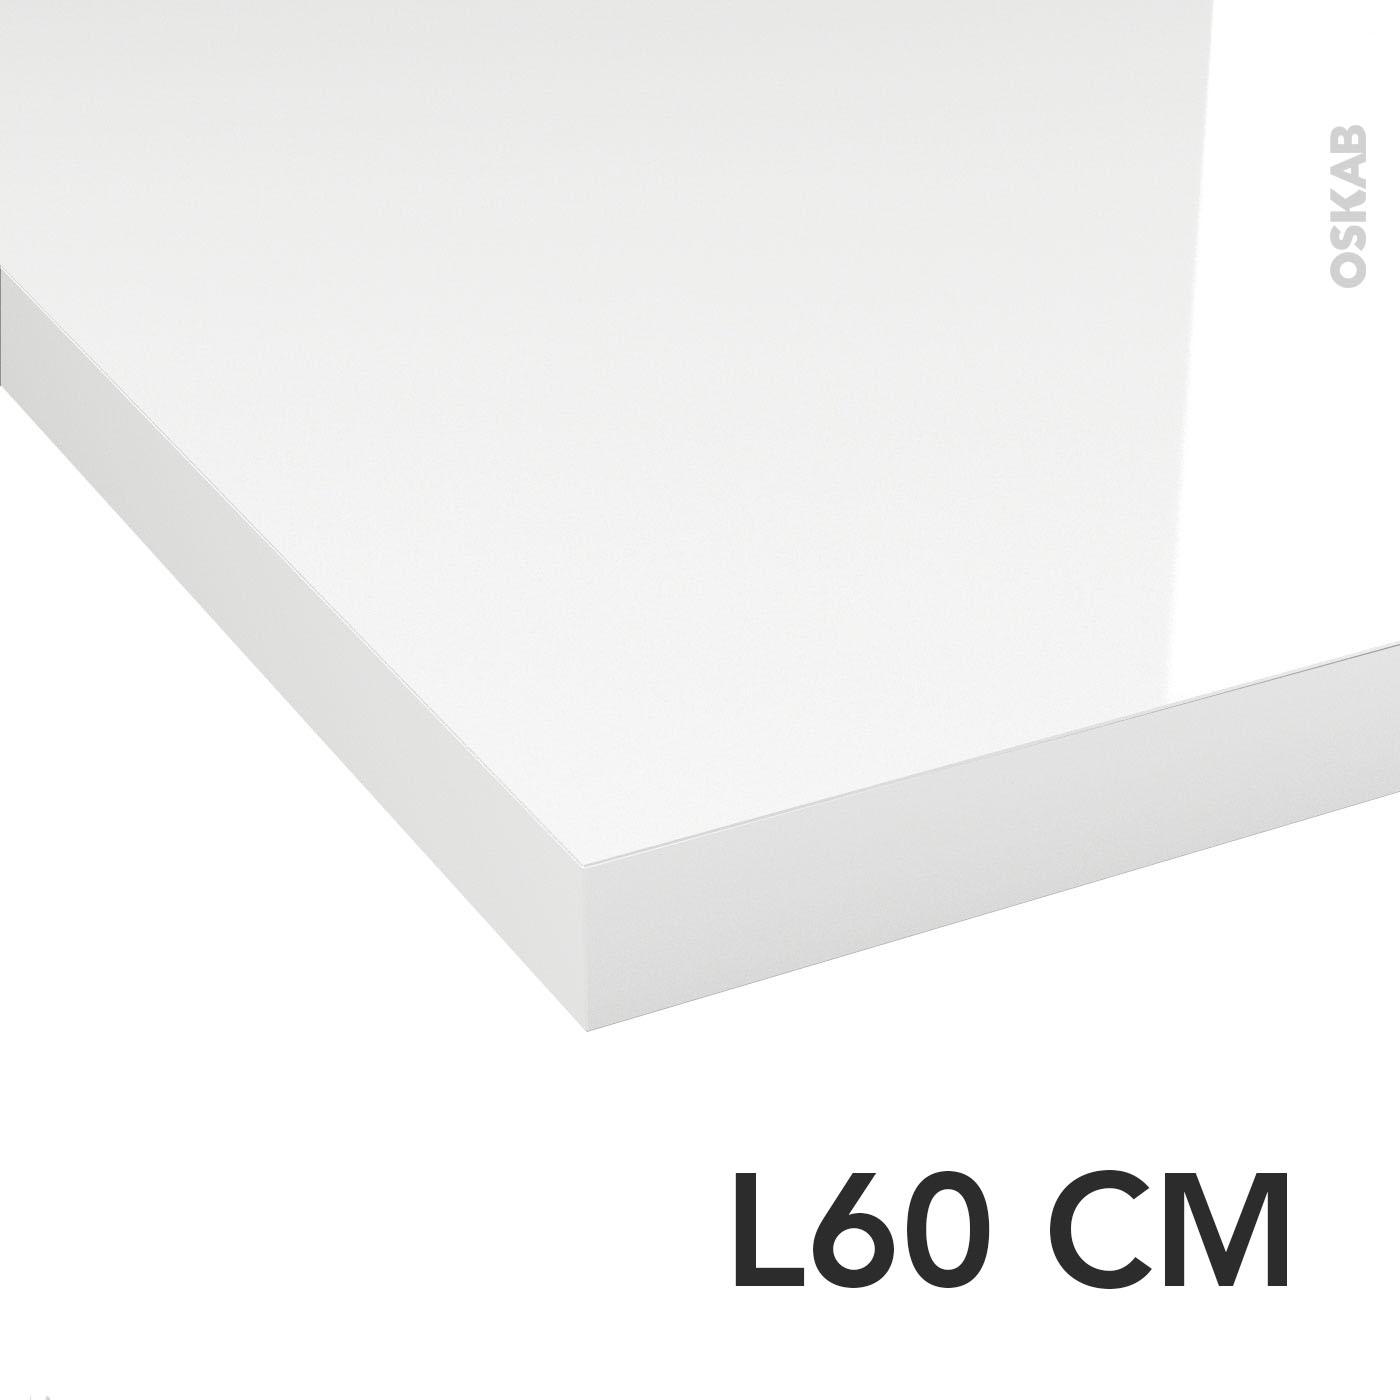 Plan De Toilette Hydrofuge plan de toilette n°109 décor blanc brillant stratifié, chant coordonné, l60  x p50 x e3,8 cm, planeko